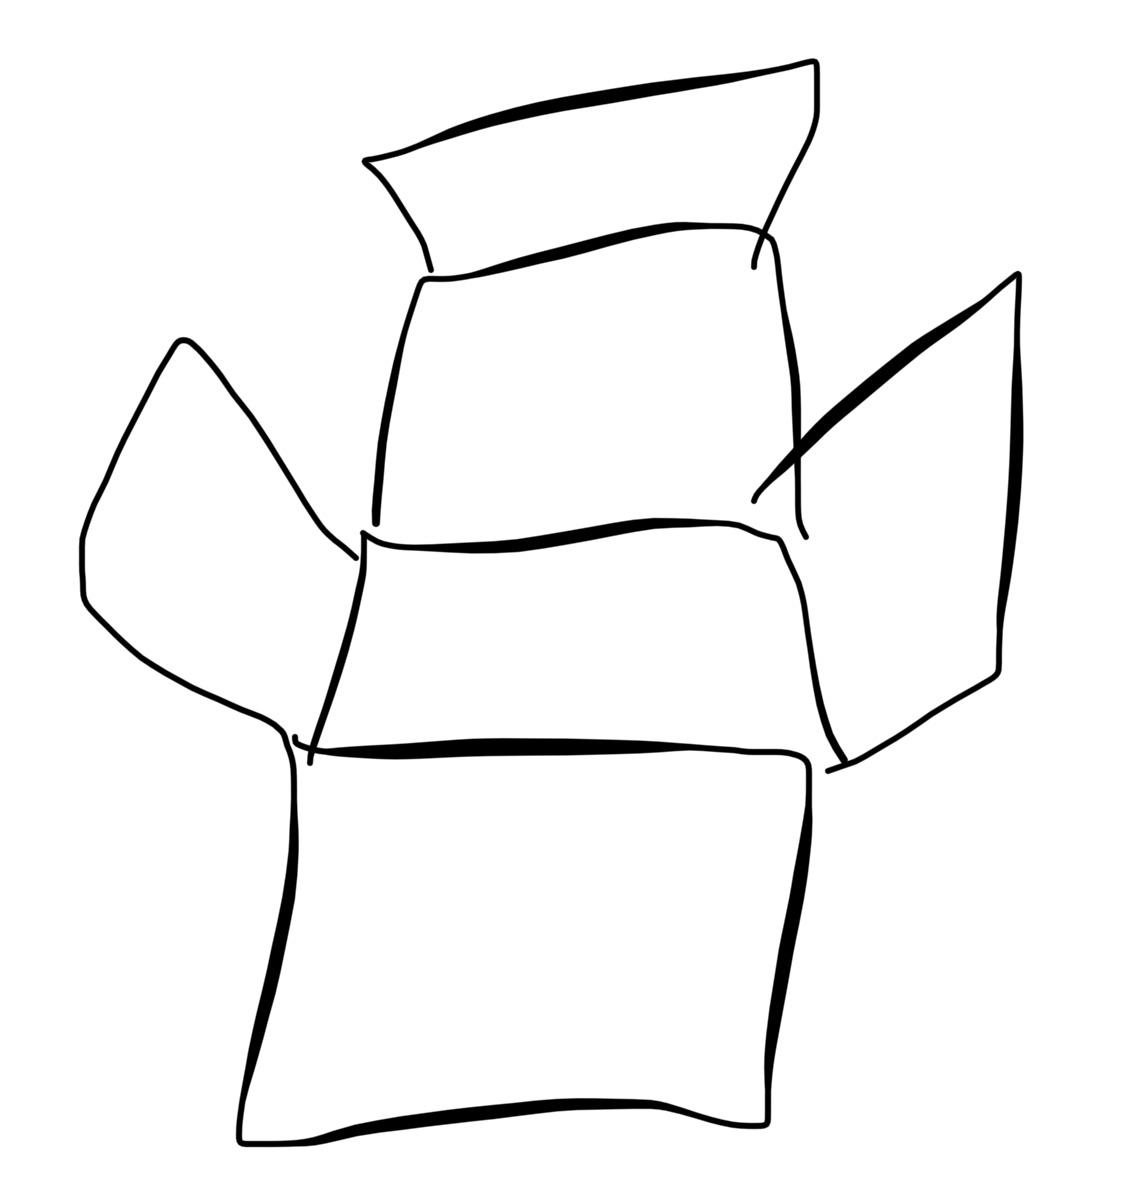 f:id:sasigume:20210217152108j:plain